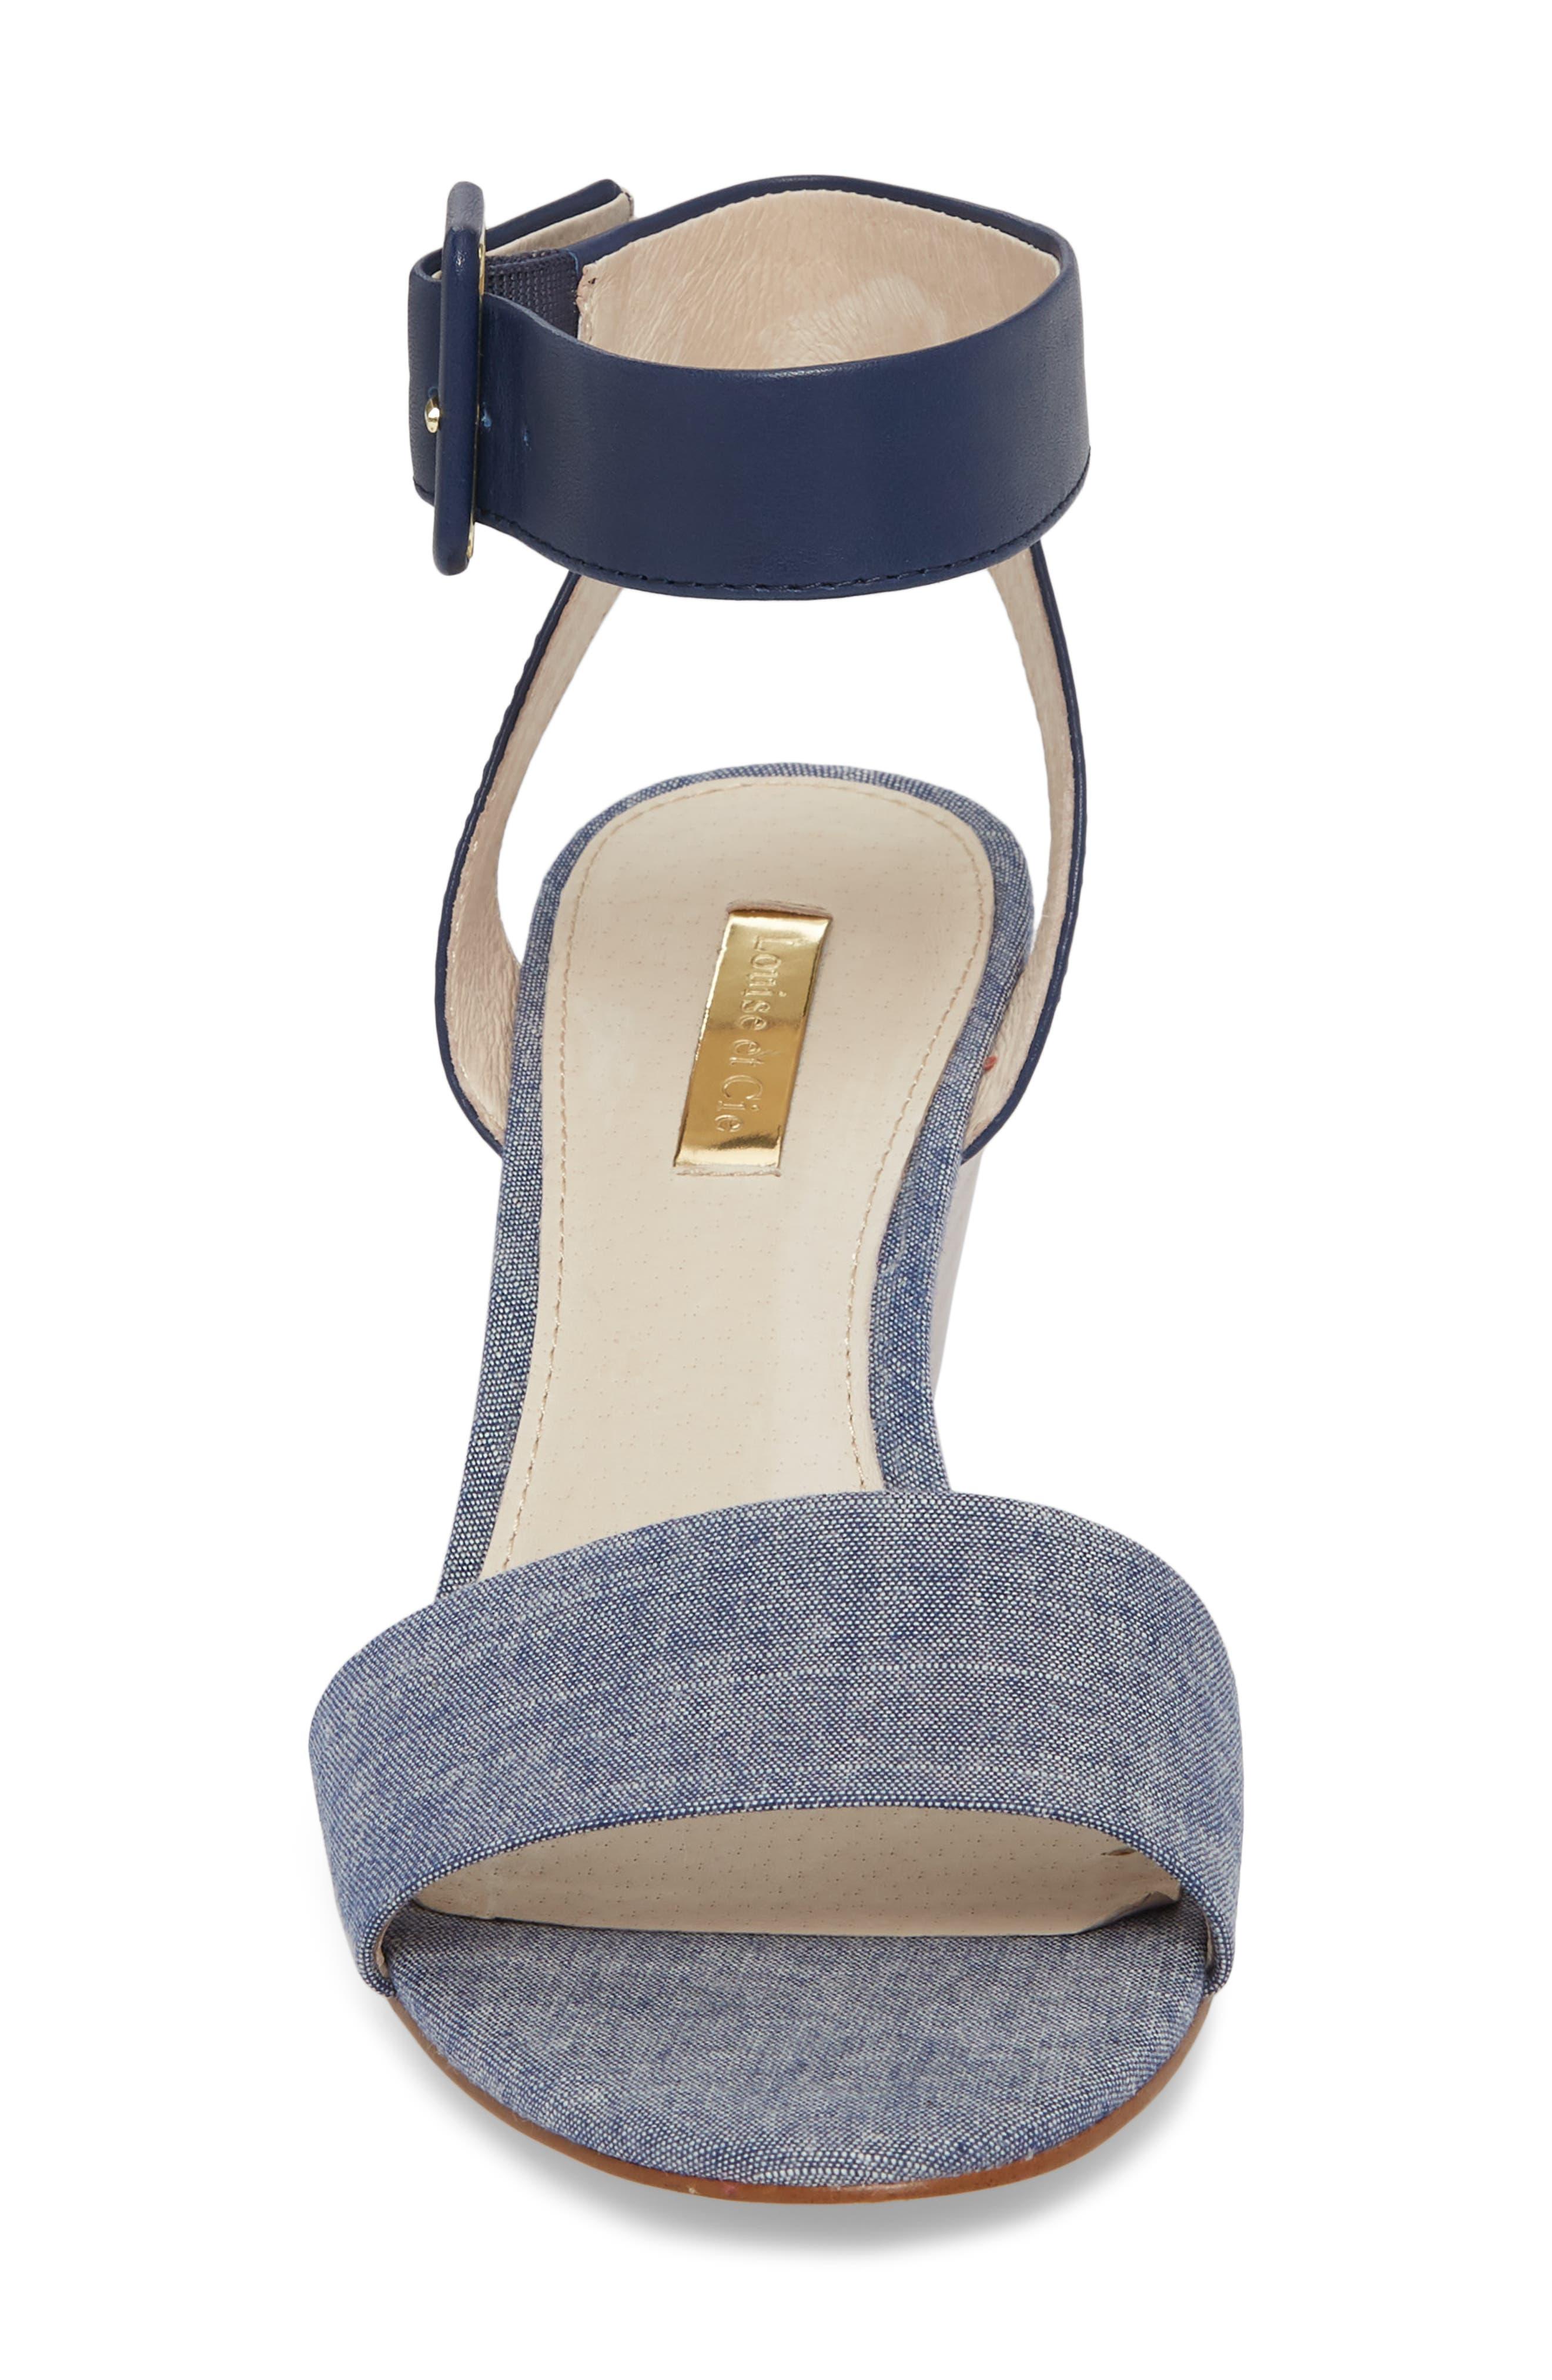 Punya Wedge Sandal,                             Alternate thumbnail 4, color,                             Denim Fabric